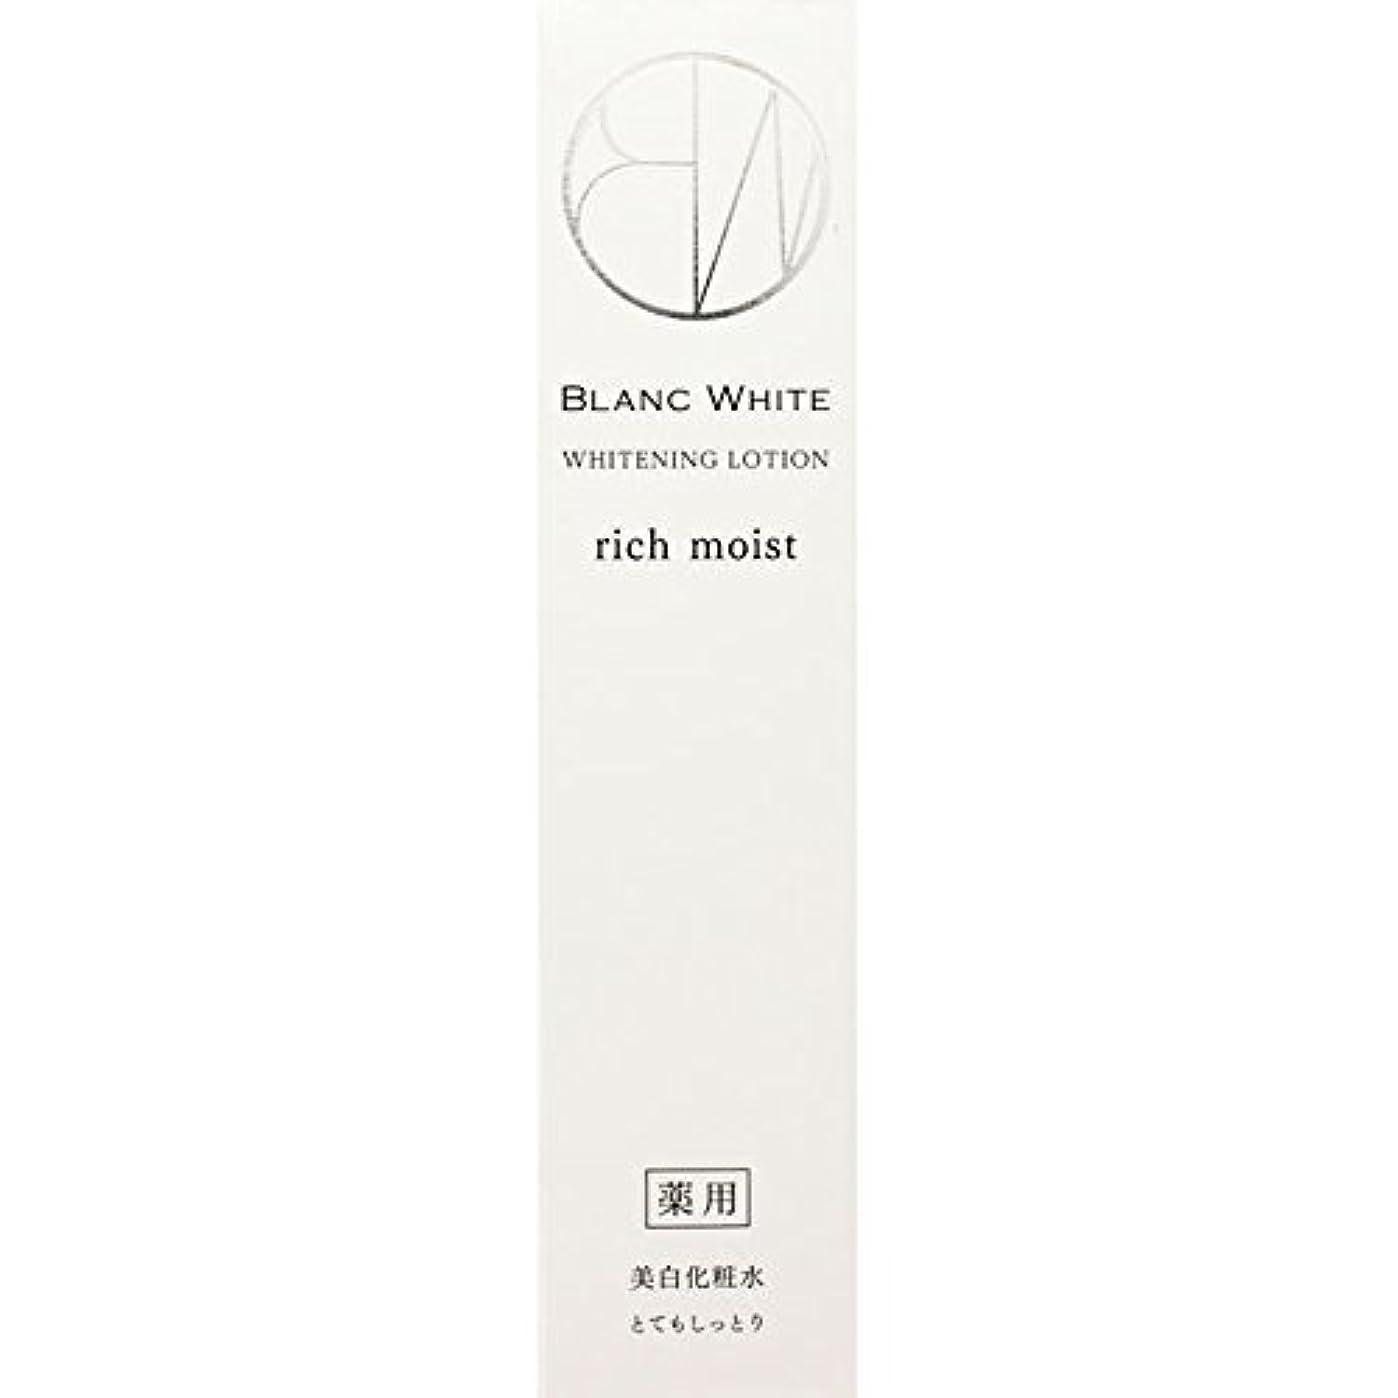 廃棄避難するのれんナリス化粧品 ブランホワイト ホワイトニングローション リッチモイスト 160ml (医薬部外品)